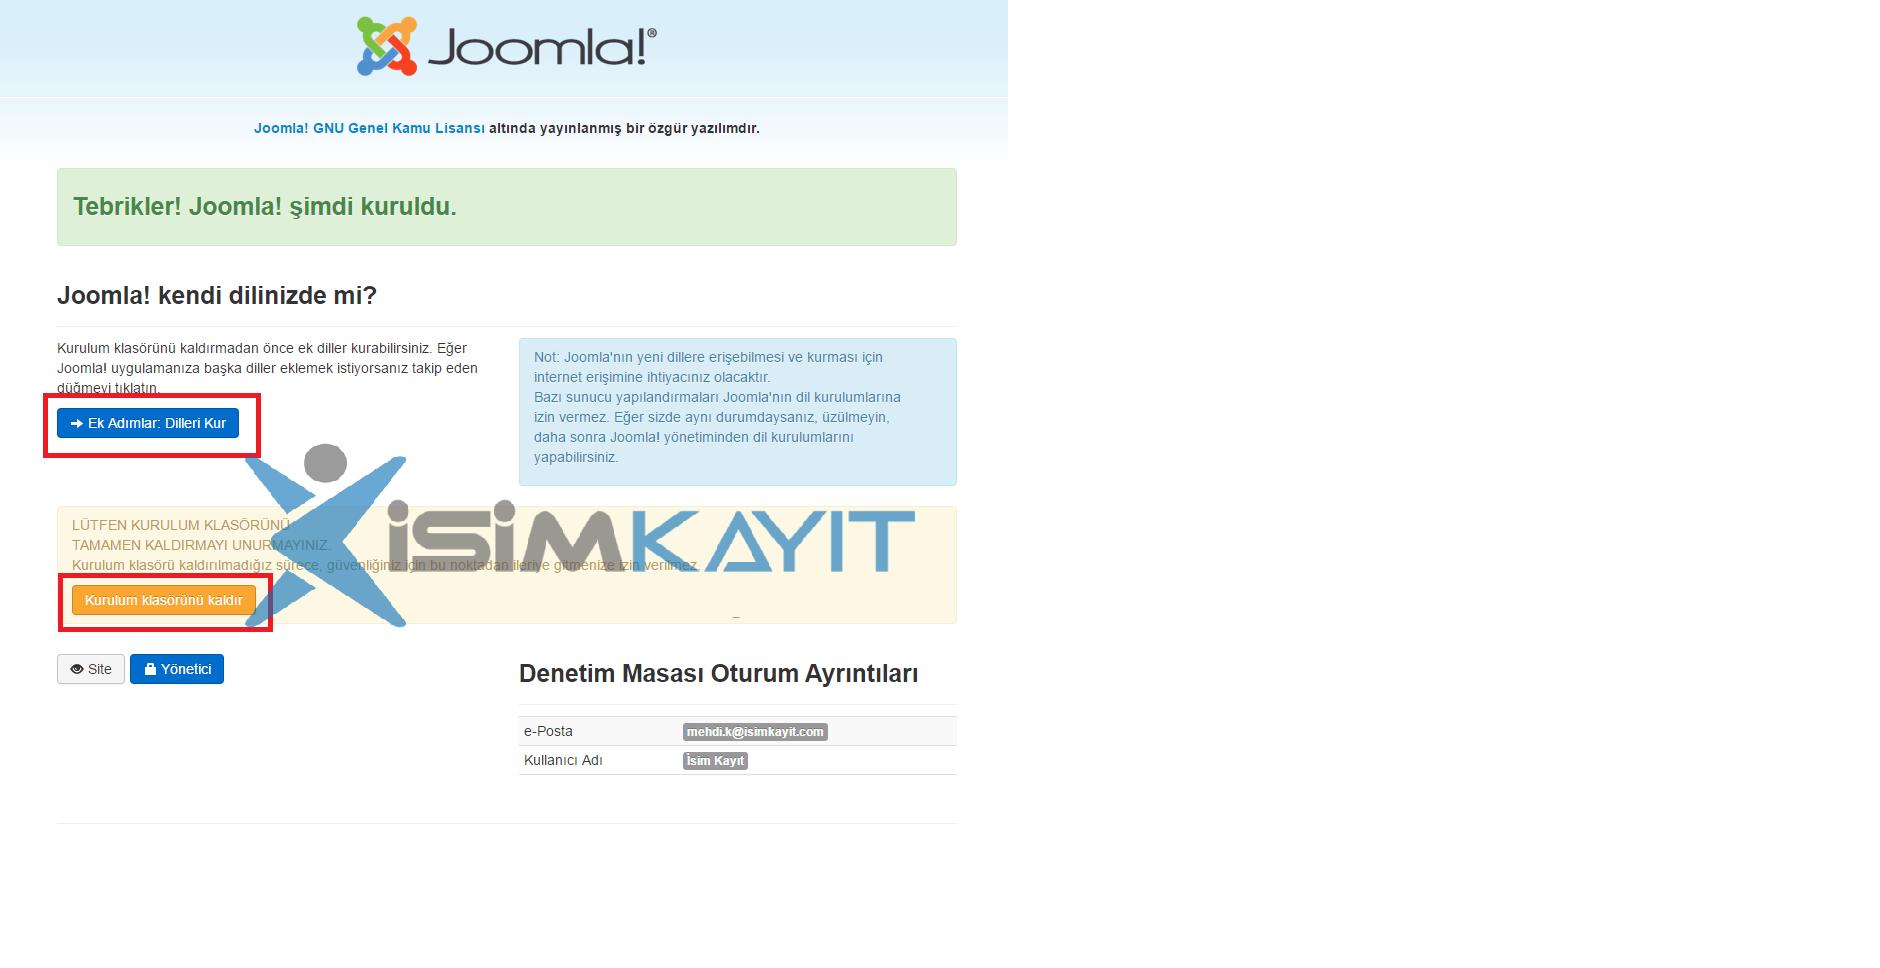 joomla e-ticaret yazılım kurulumu veritabanı